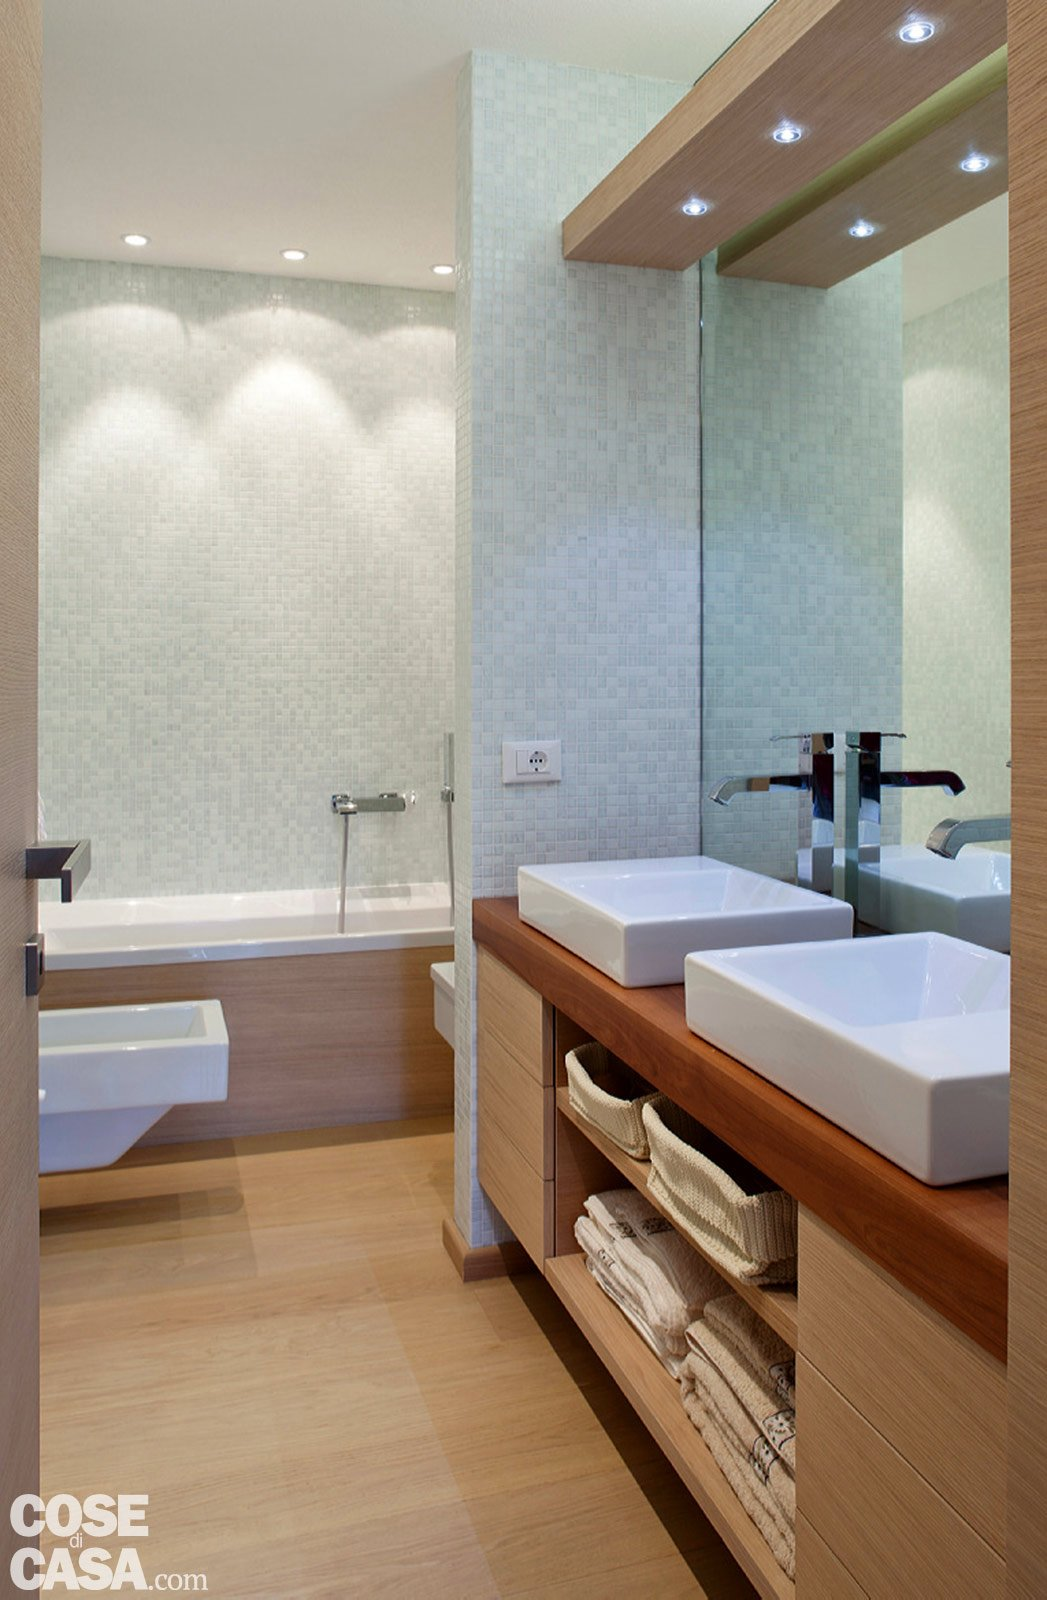 57 mq con ambienti mutevoli cose di casa - Casa e bagno ...